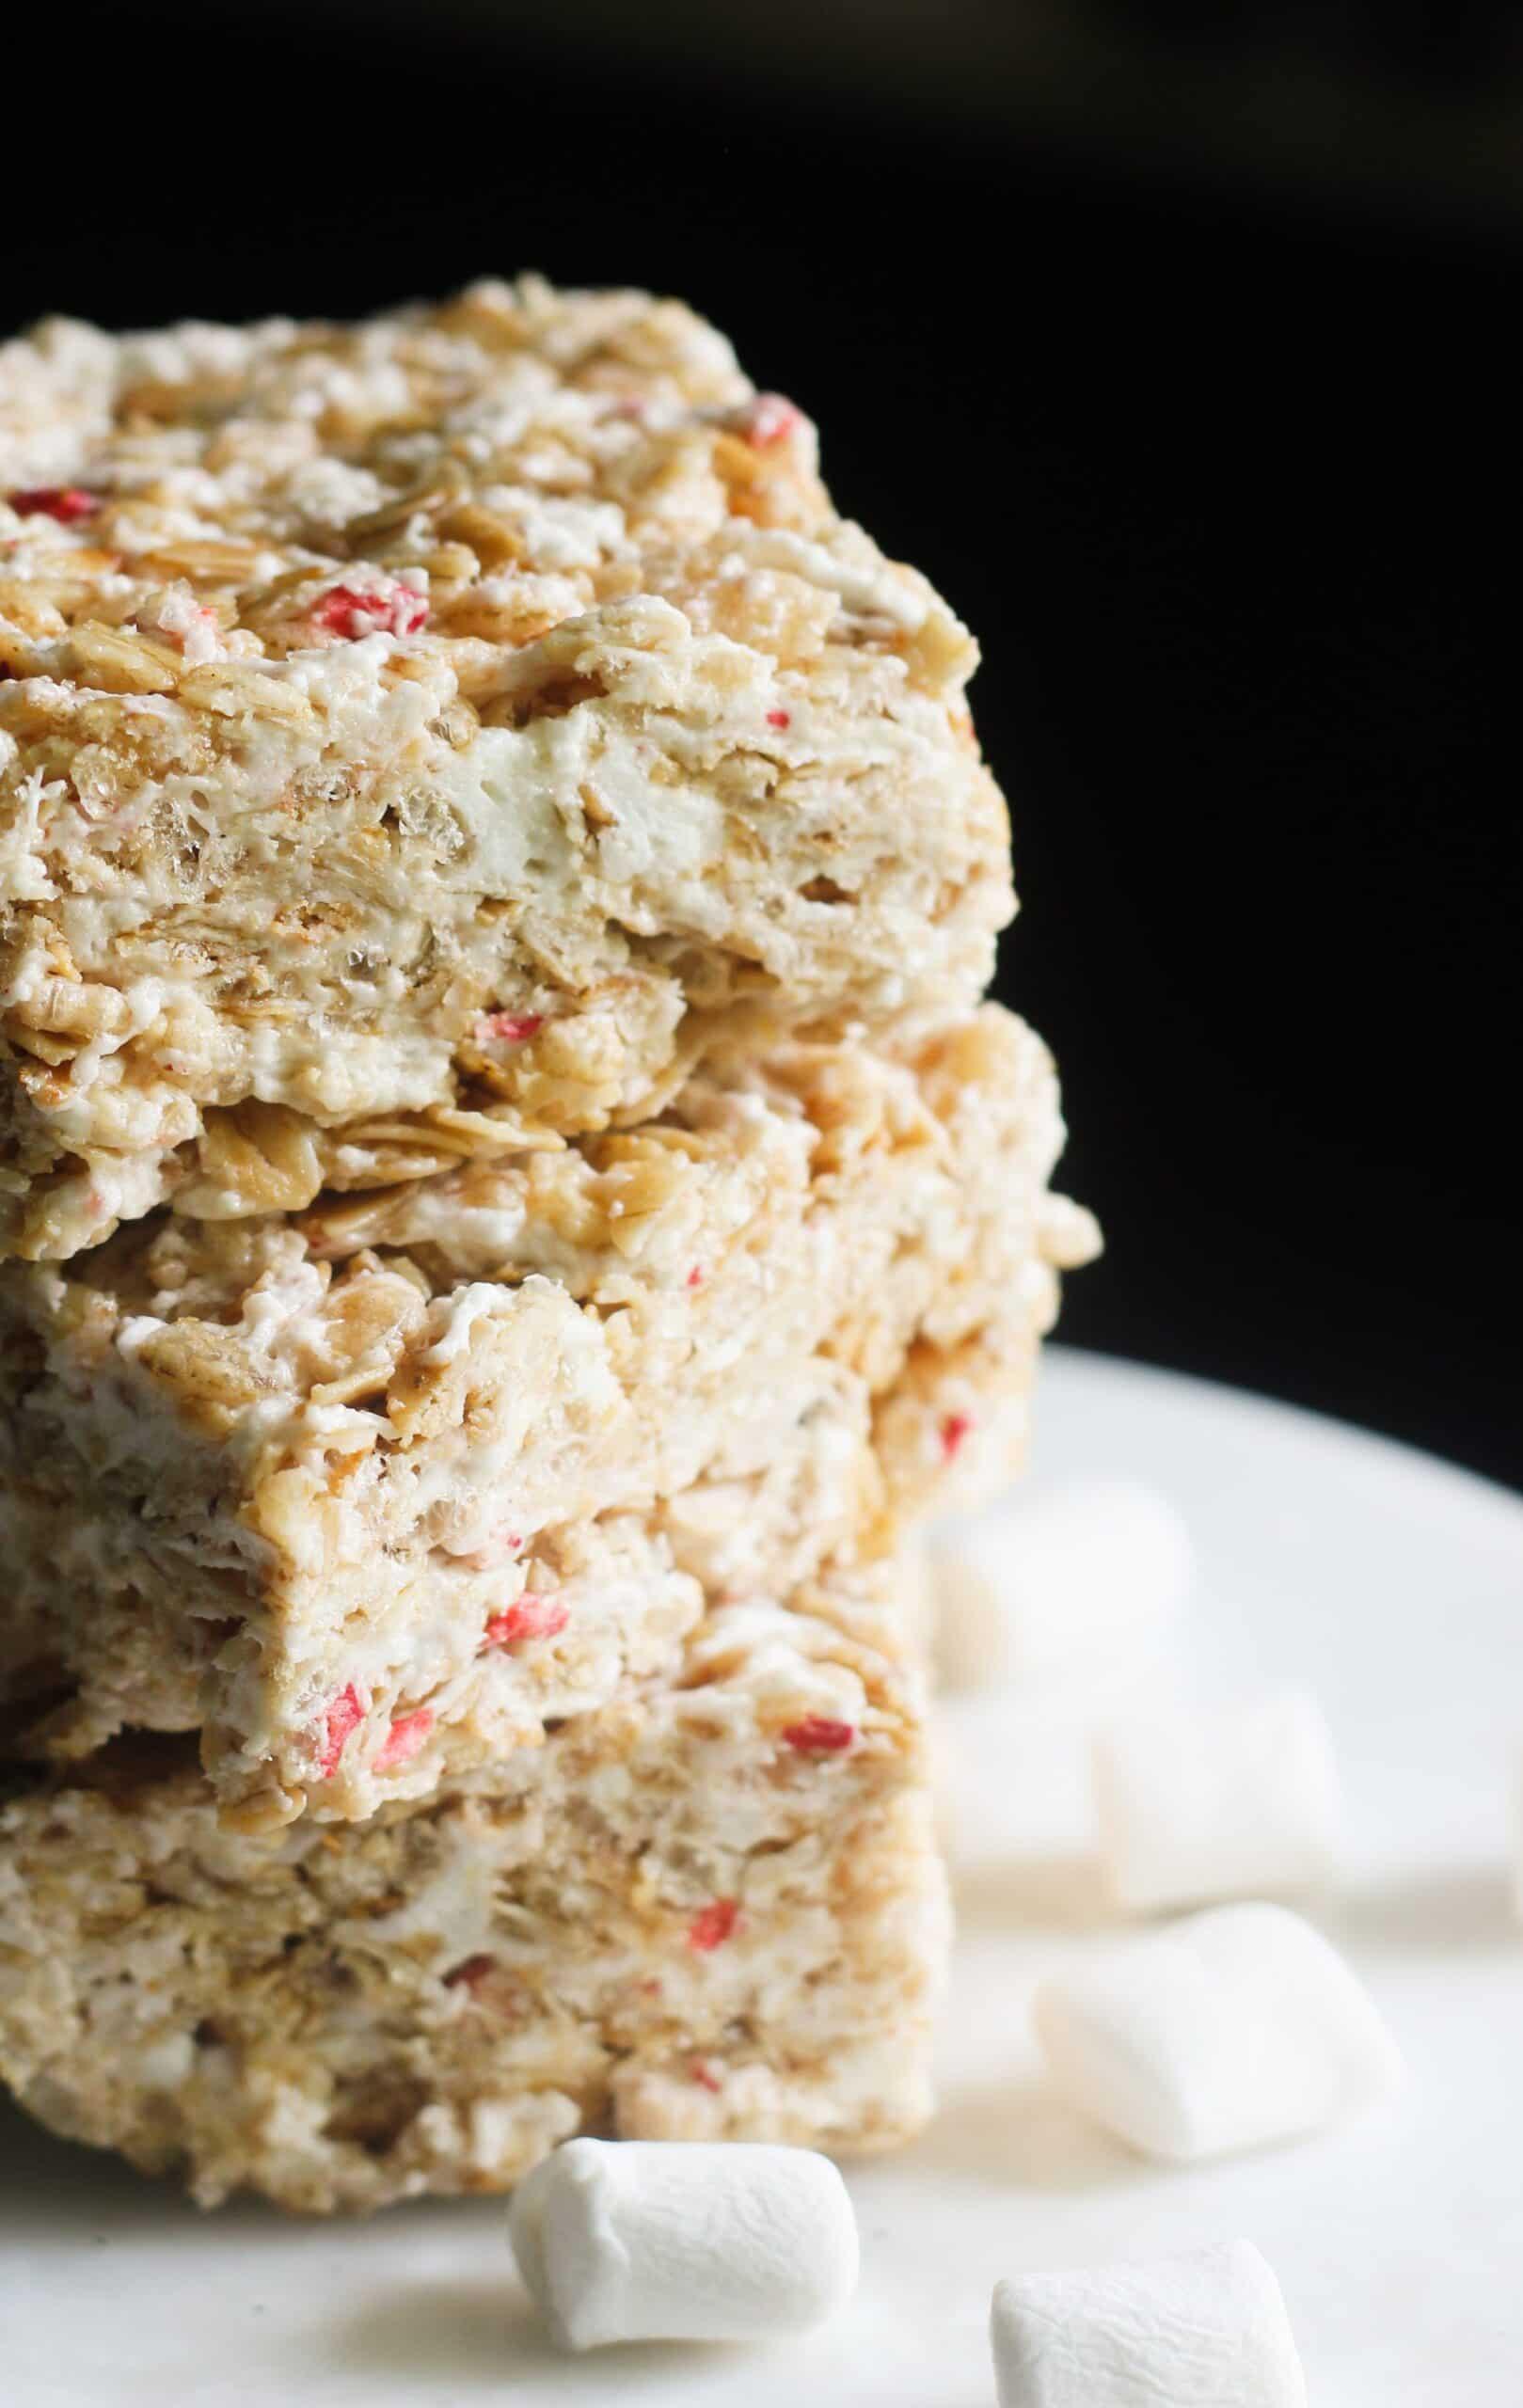 granola crispy bars